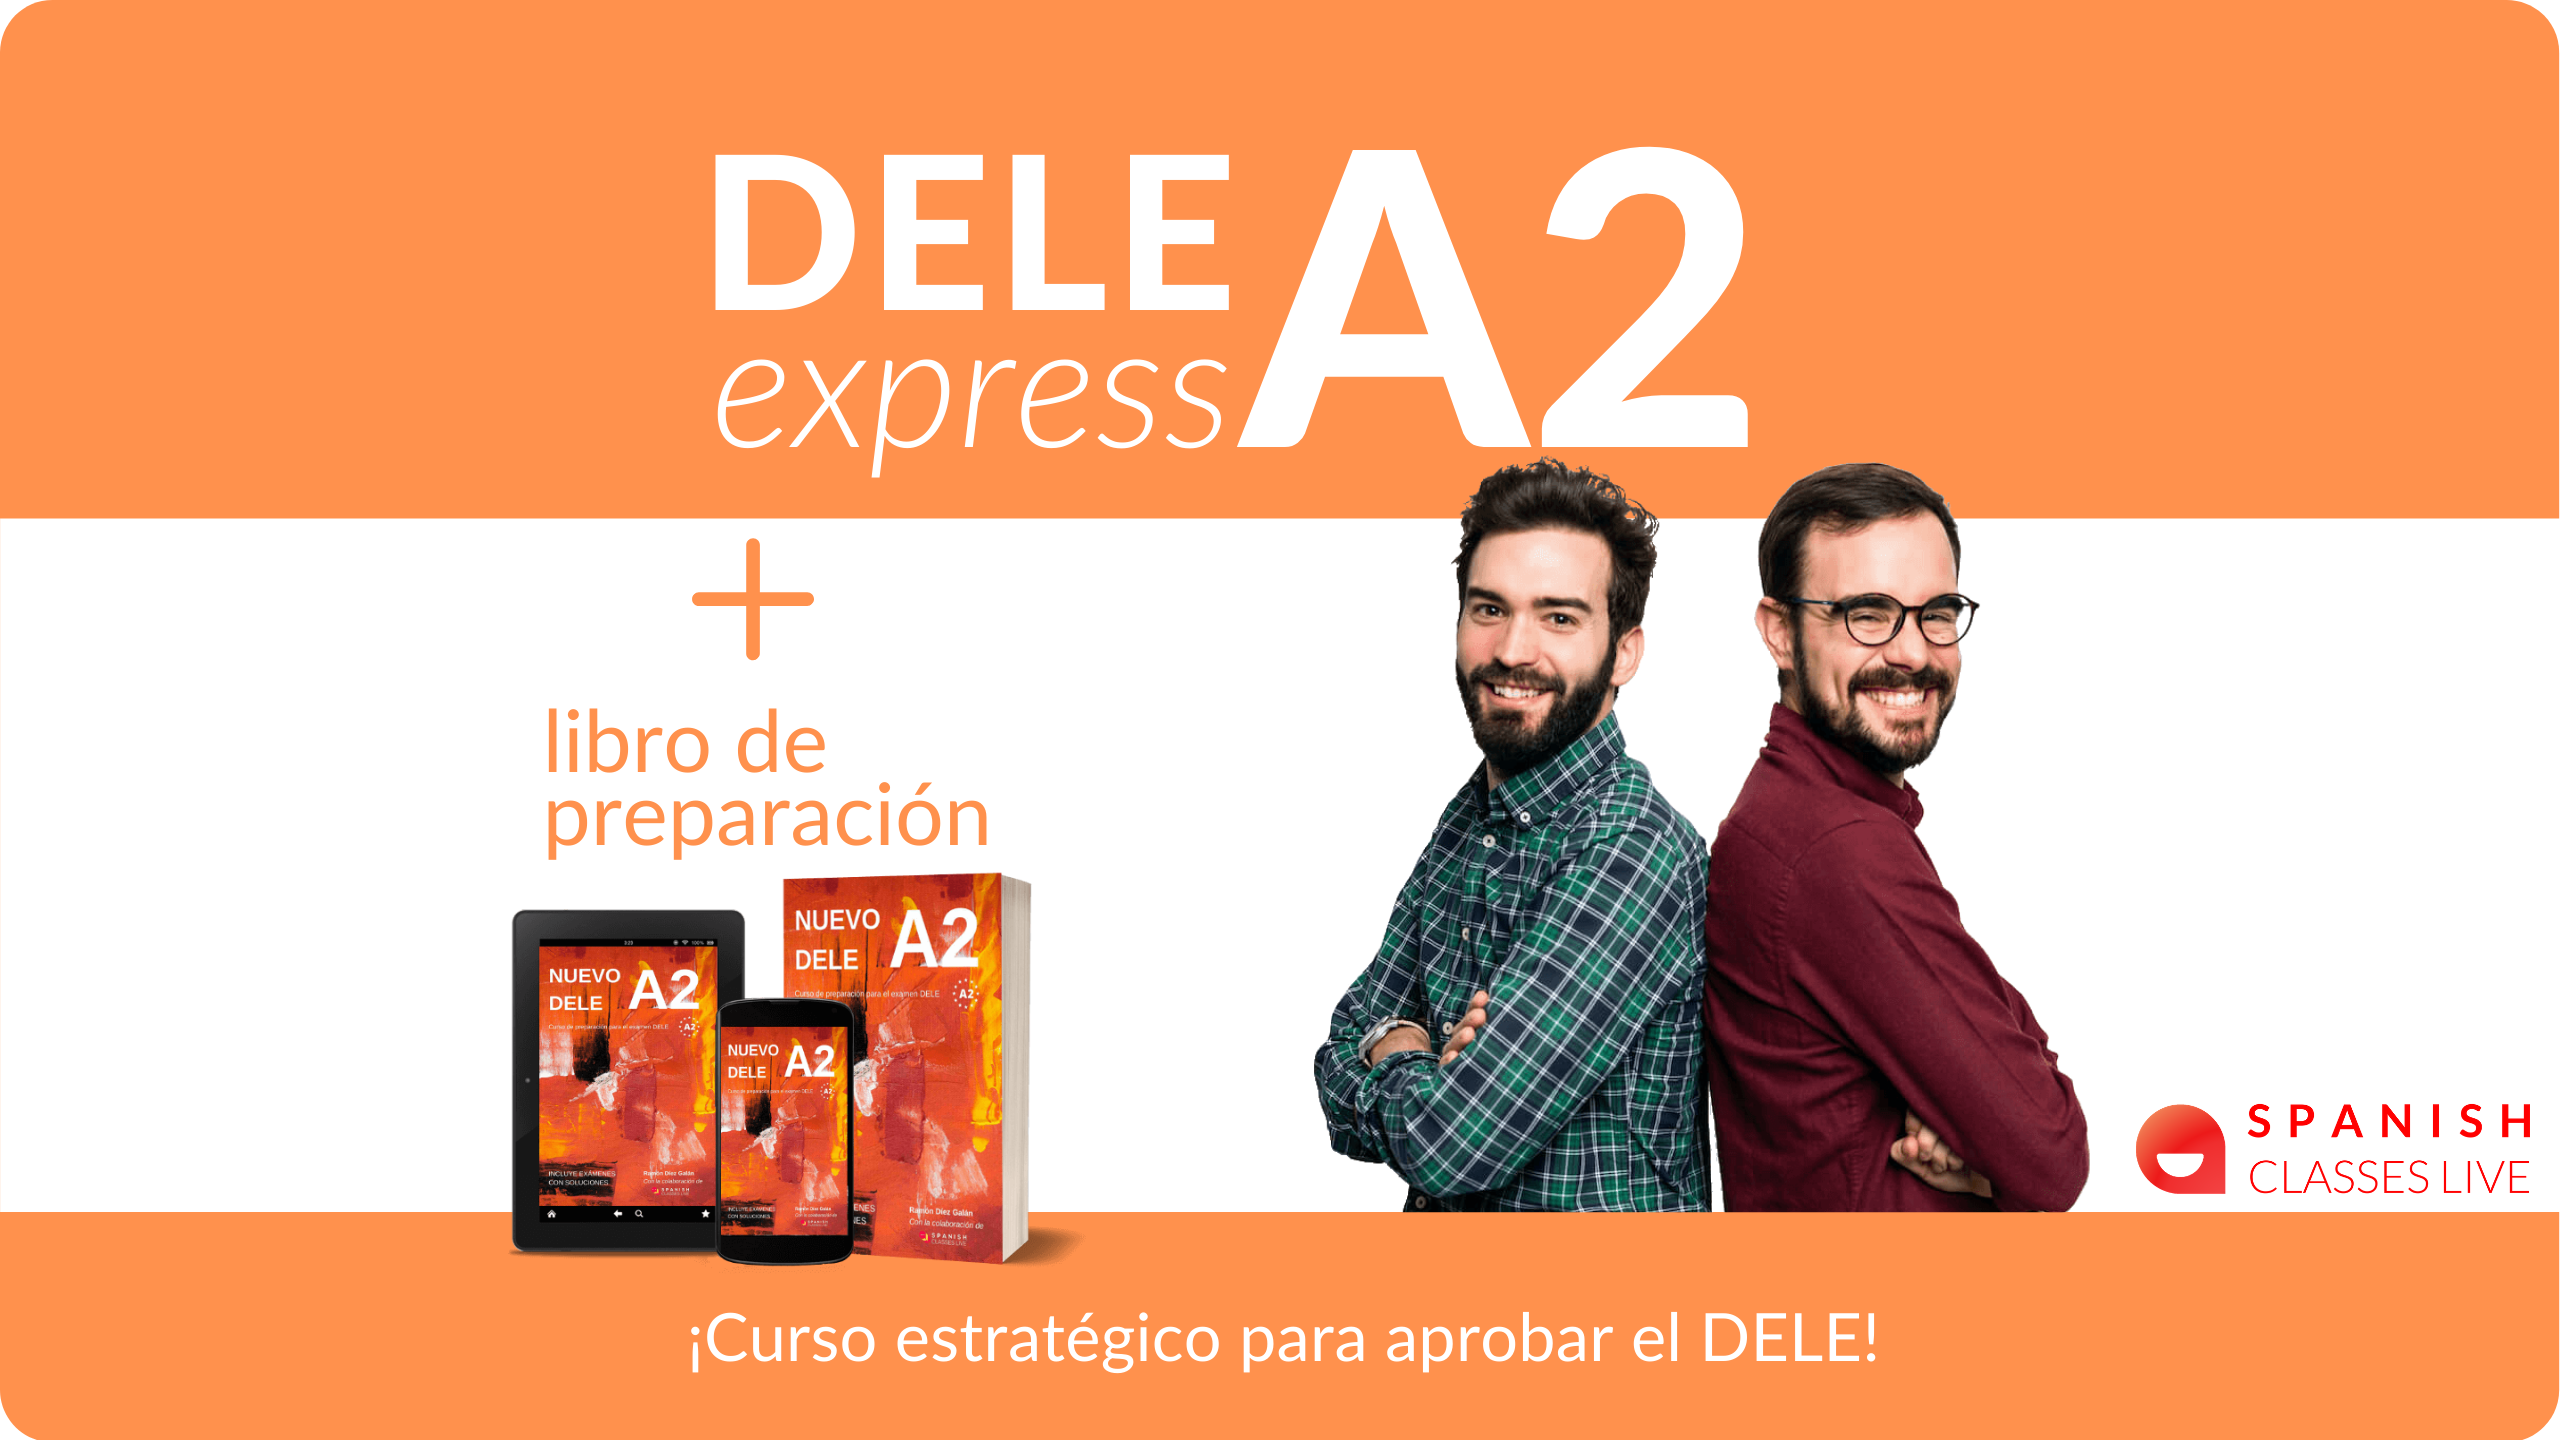 DELE express A2 +  Nuevo Libro de preparación 2021